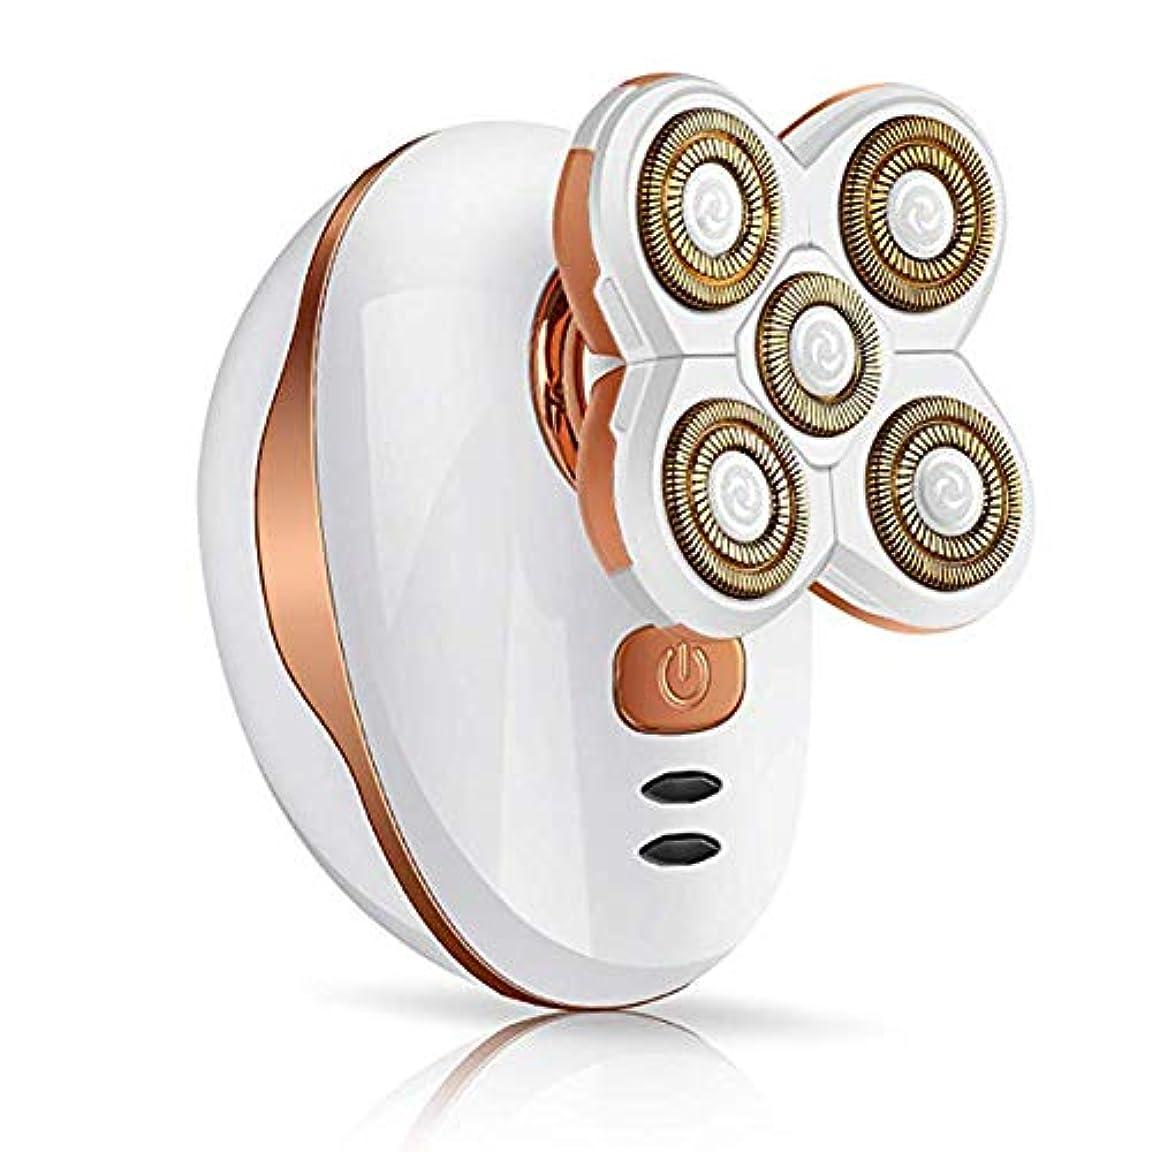 滴下空中復活5フローティングヘッドウェットドライ電気ロータリーシェーバー、コードレス防水かみそりはげ頭シェーバー、旅行や家庭用の高速USB再充電セキュリティロックモード